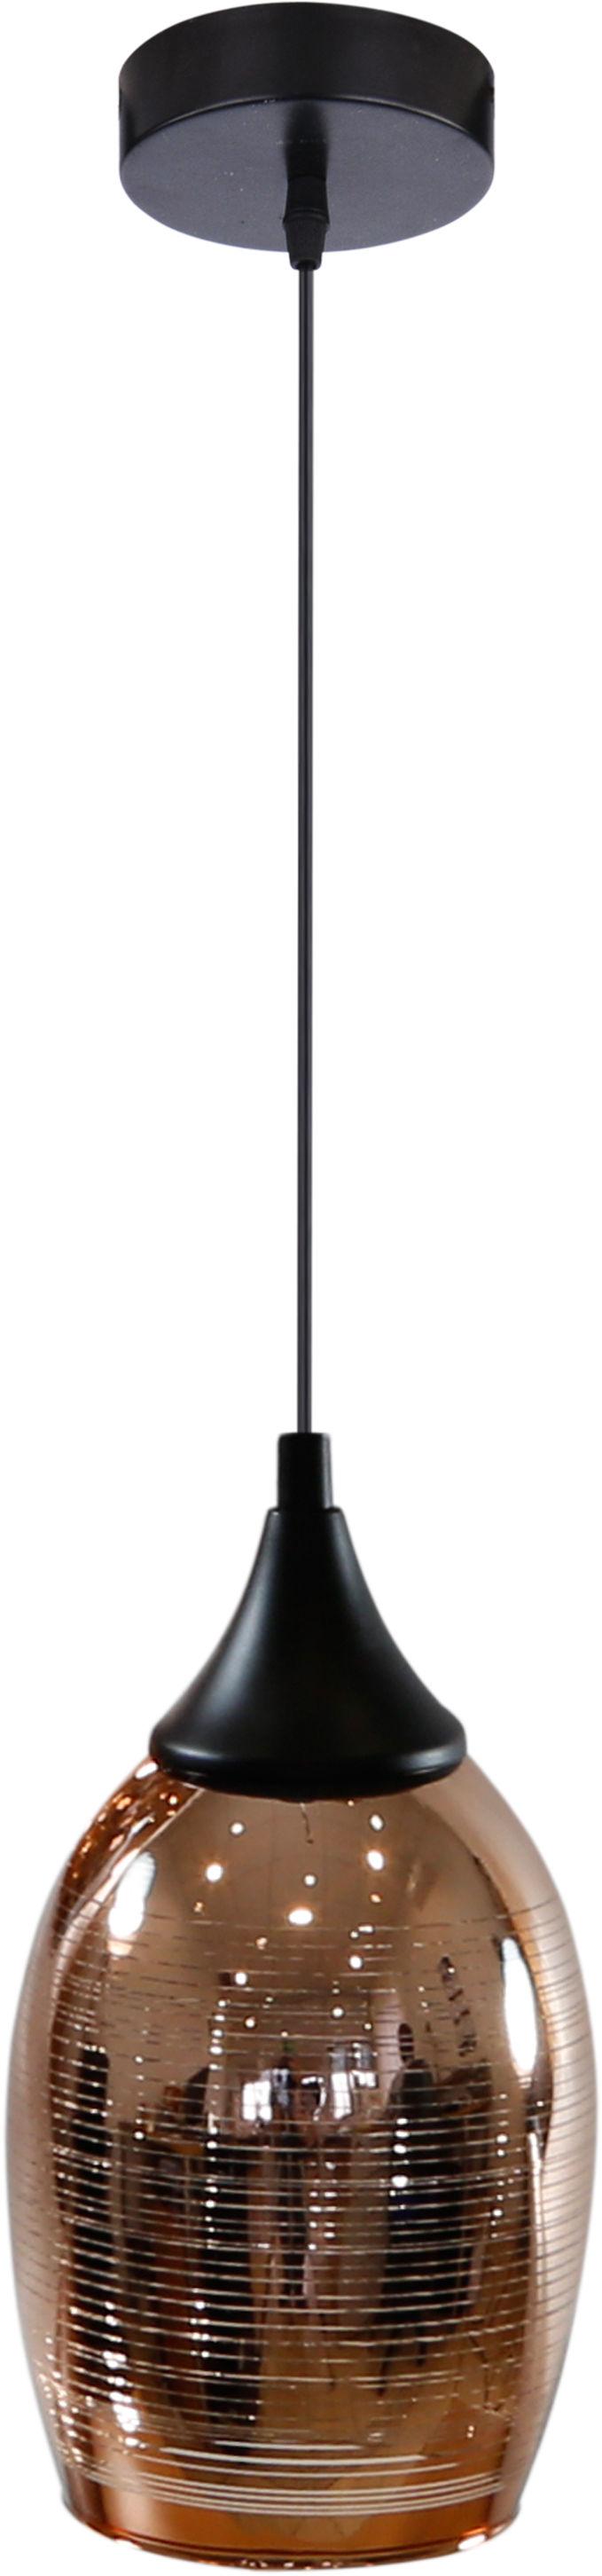 Candellux MARINA 31-51622 lampa wisząca szklany klosz miedziany 1X60W E27 14cm